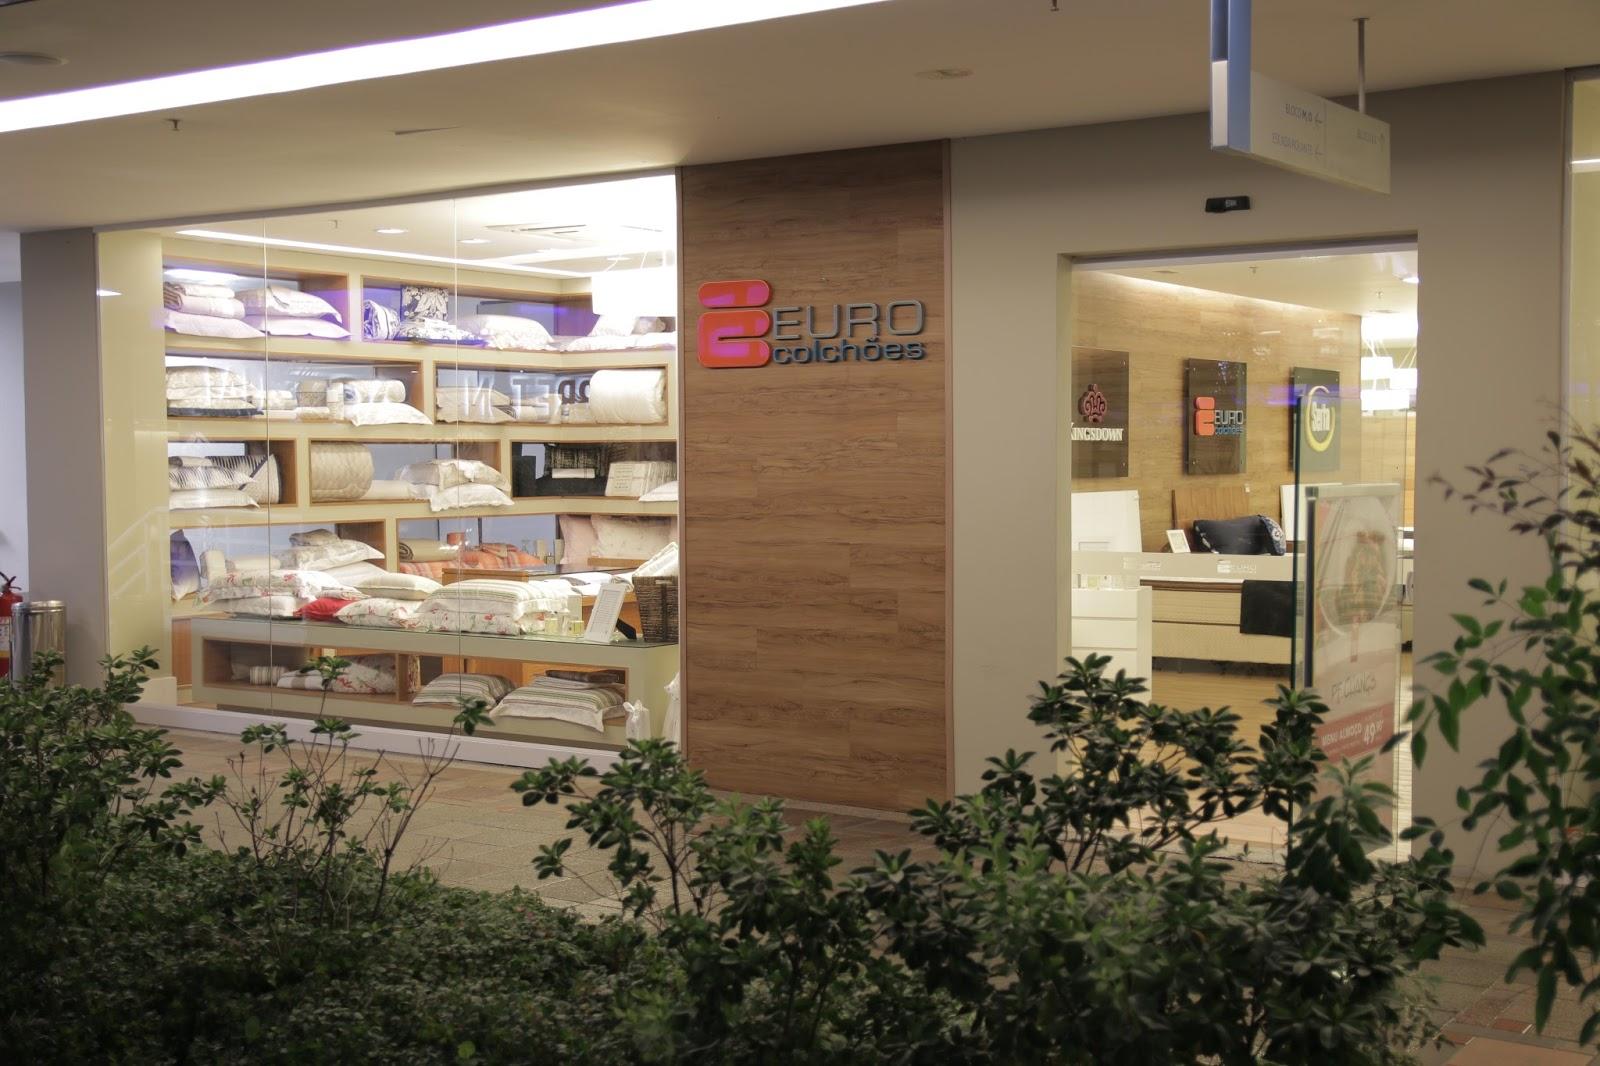 Loja De Fabrica Sofa E Colchoes Porangaba Ikea Lycksele Bed Orange Euro Colchões Inaugura Com Novo Layout Em Campo